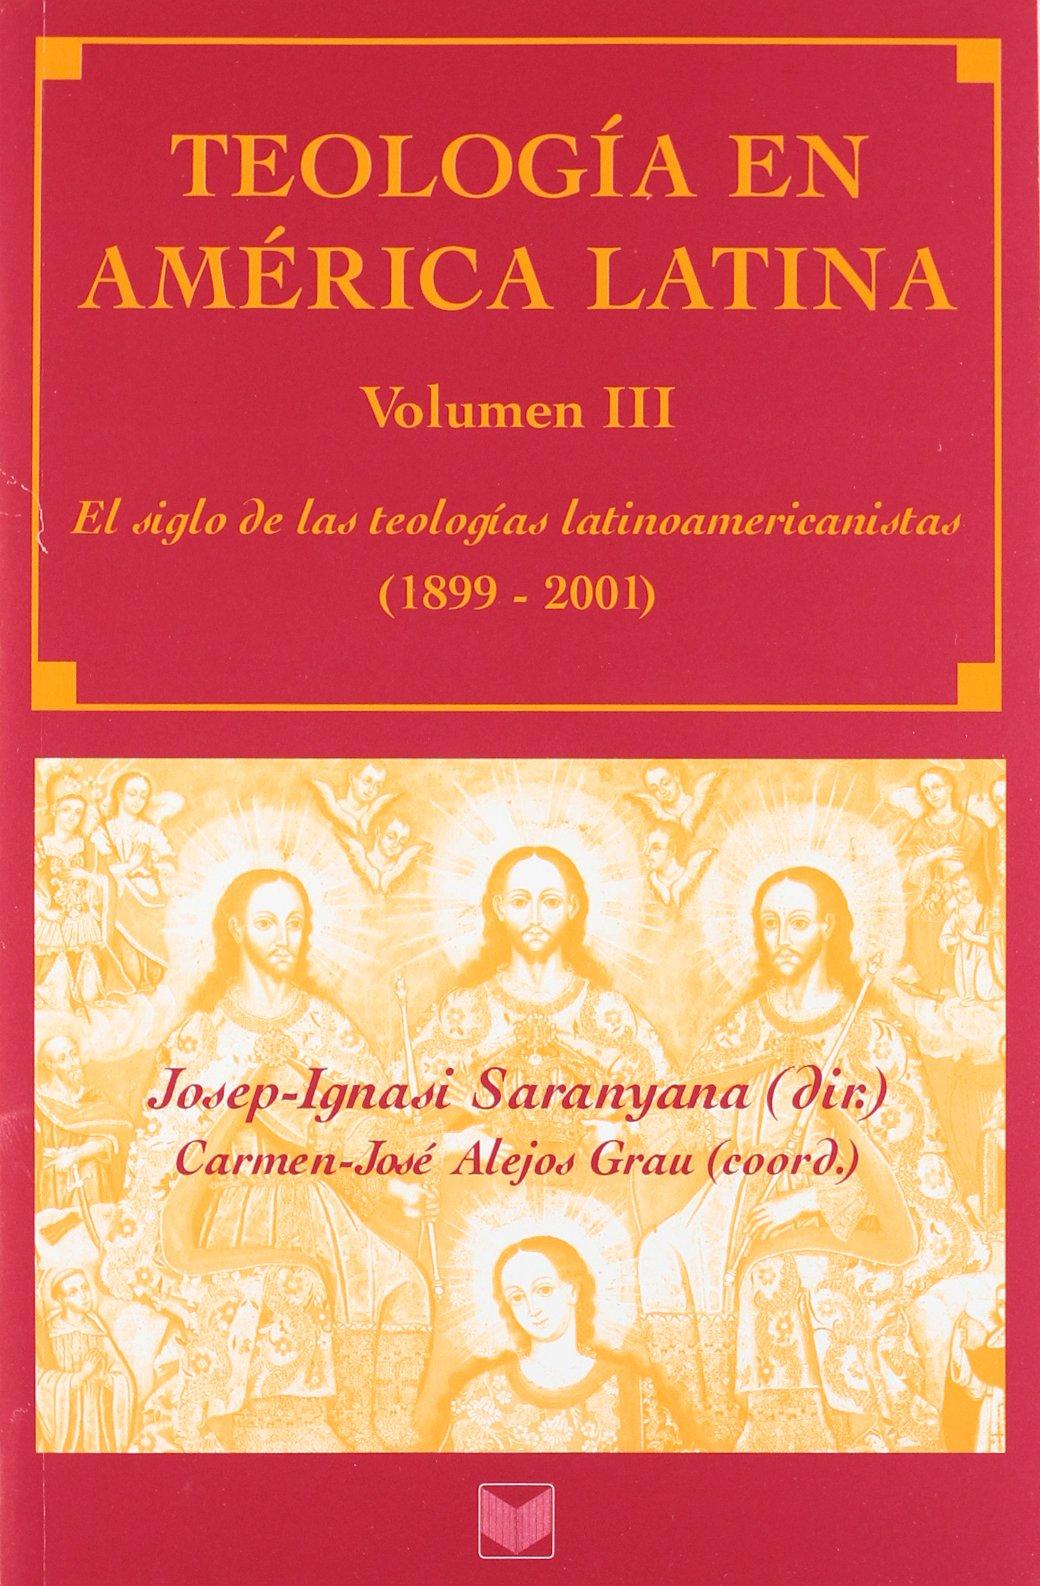 Teología en América Latina. Vol. III. El siglo de las teologías latinoamericanistas .: 3: Amazon.es: J.I. SARANYANA: Libros